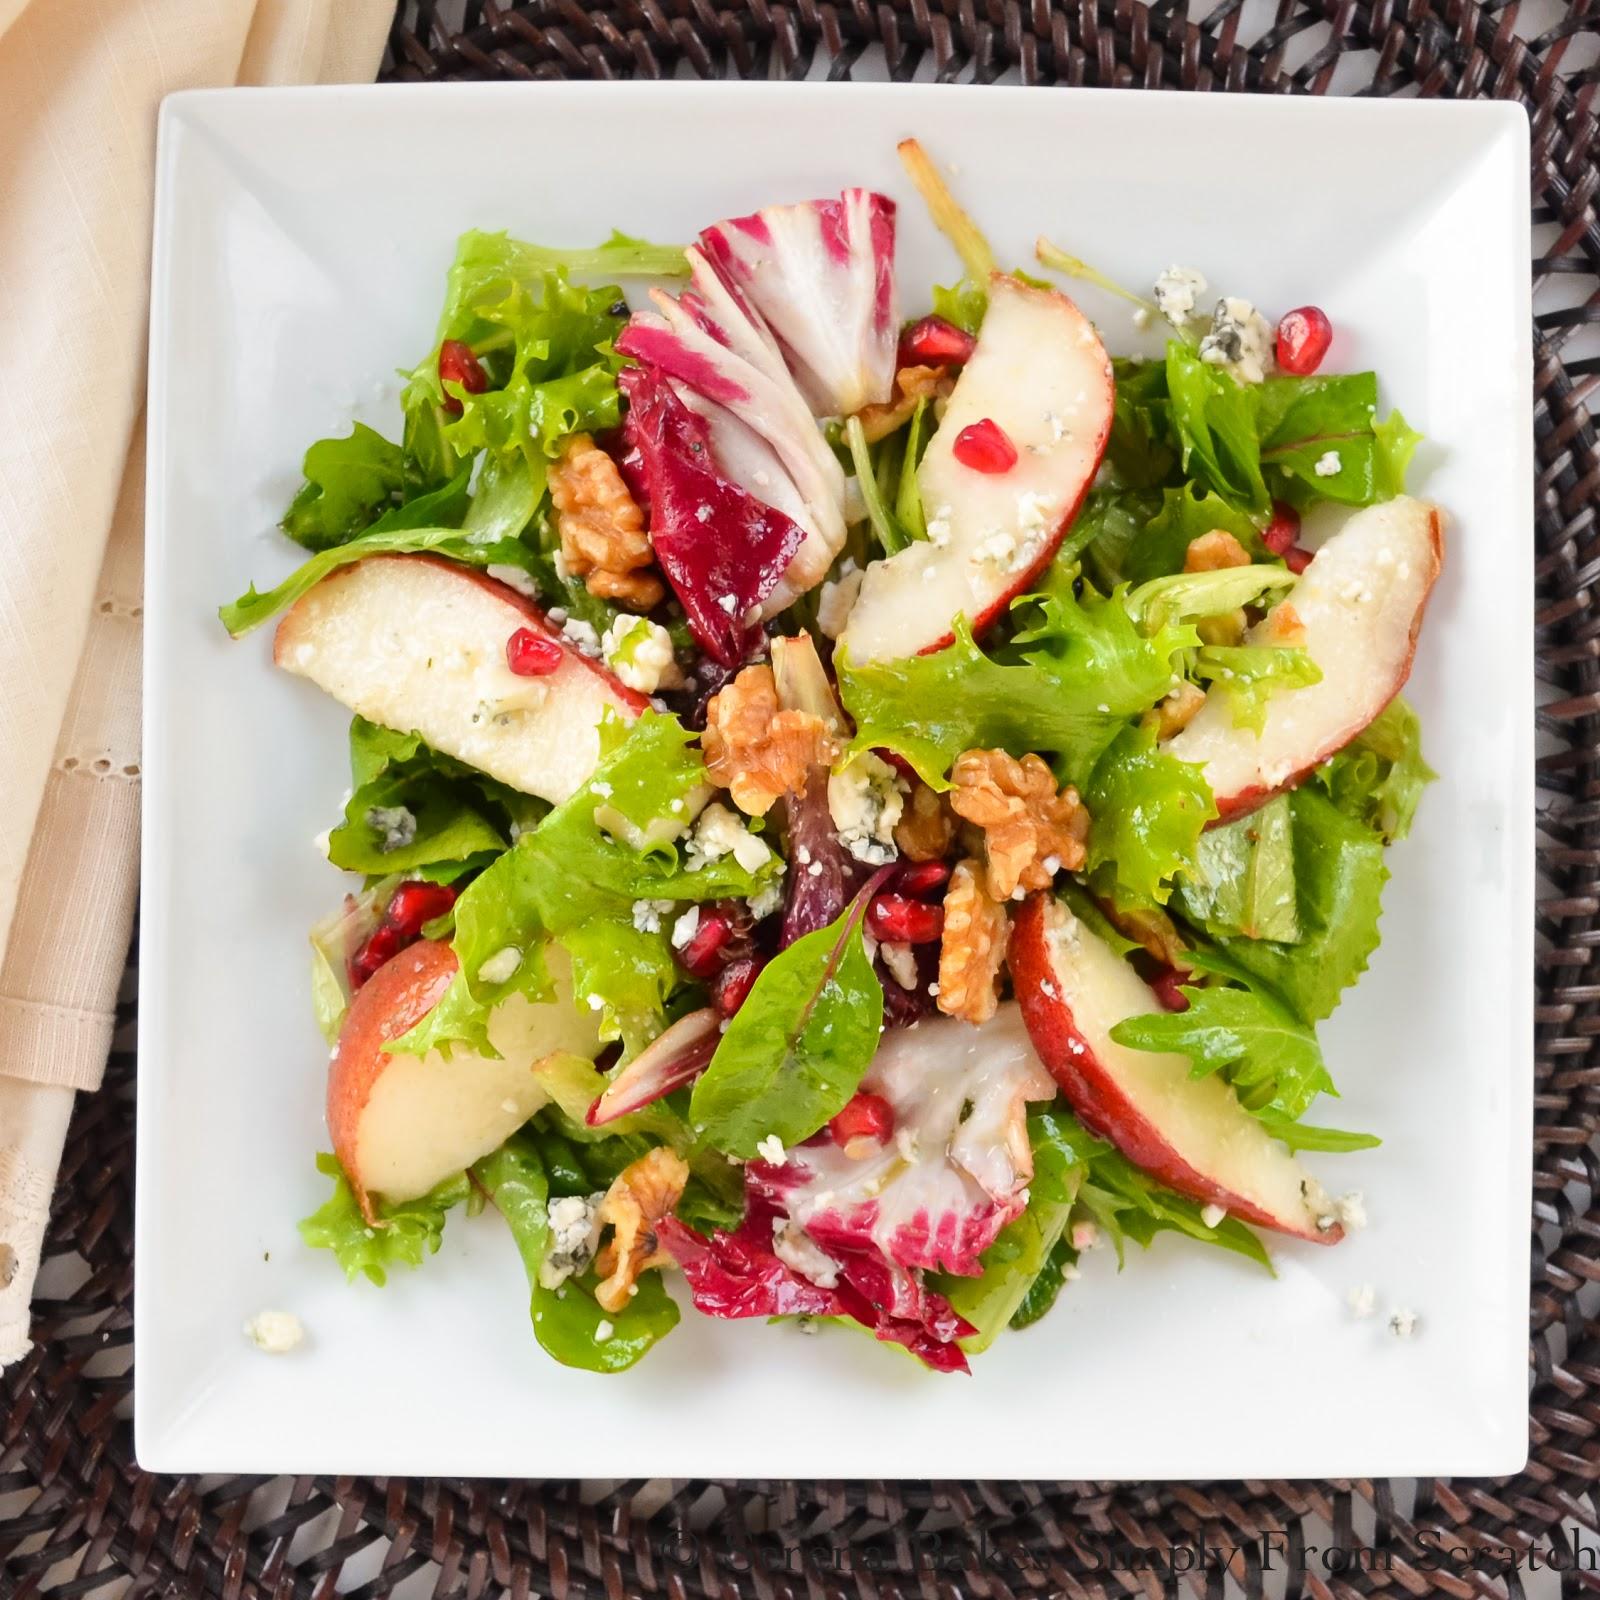 Savory Pear Pomegranate Gorgonzola & Walnust Salad With White Balsamic Vinaigrette